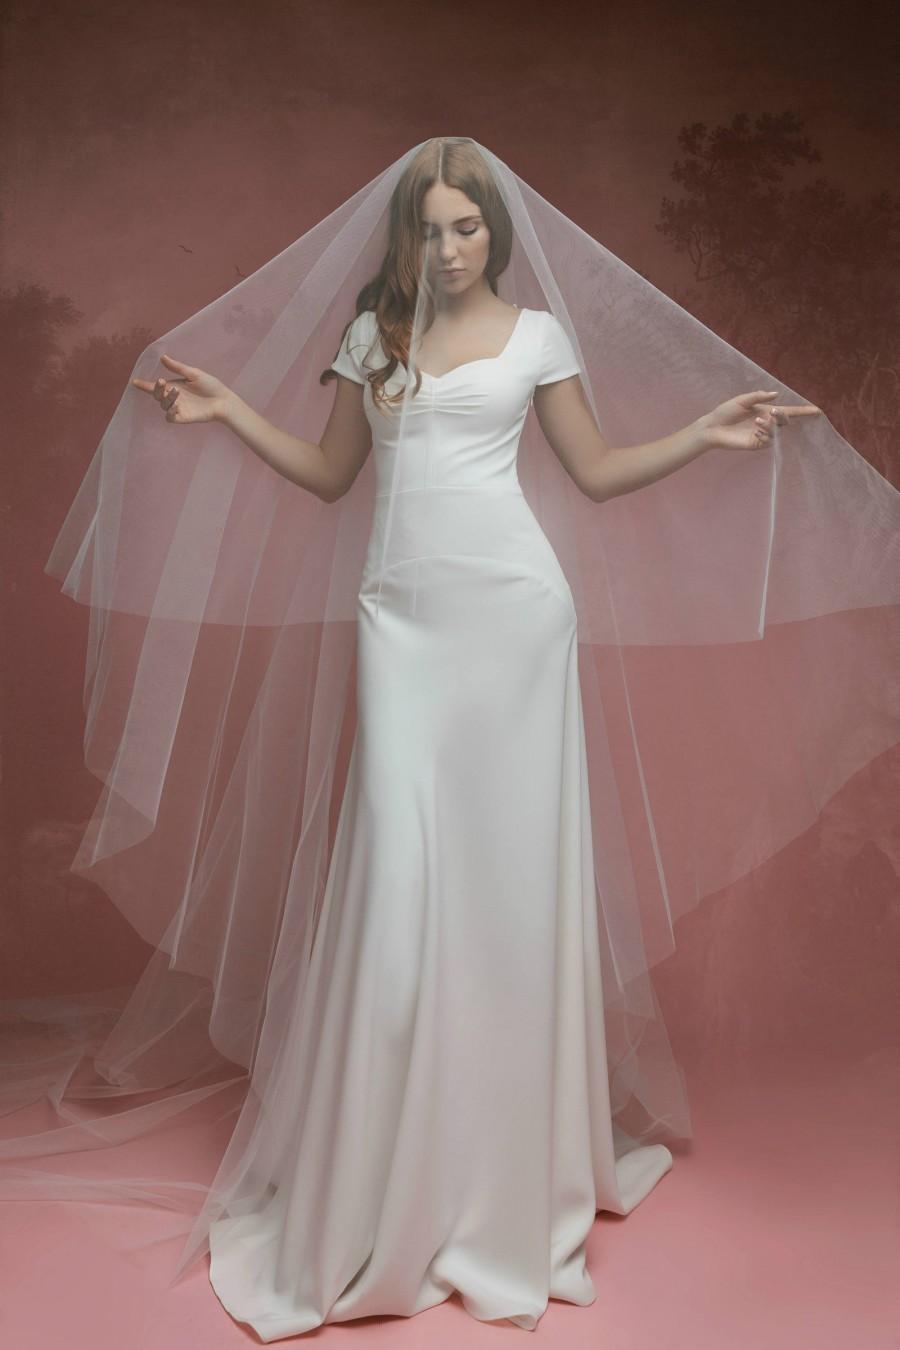 زفاف - Simple Wedding Veil A20, Cathedral veil A20, Wedding Veil, Soft Wedding Veil, Blush Veil, Nude Veil, Gray Veil, Two Tier Veil, Chapel Length